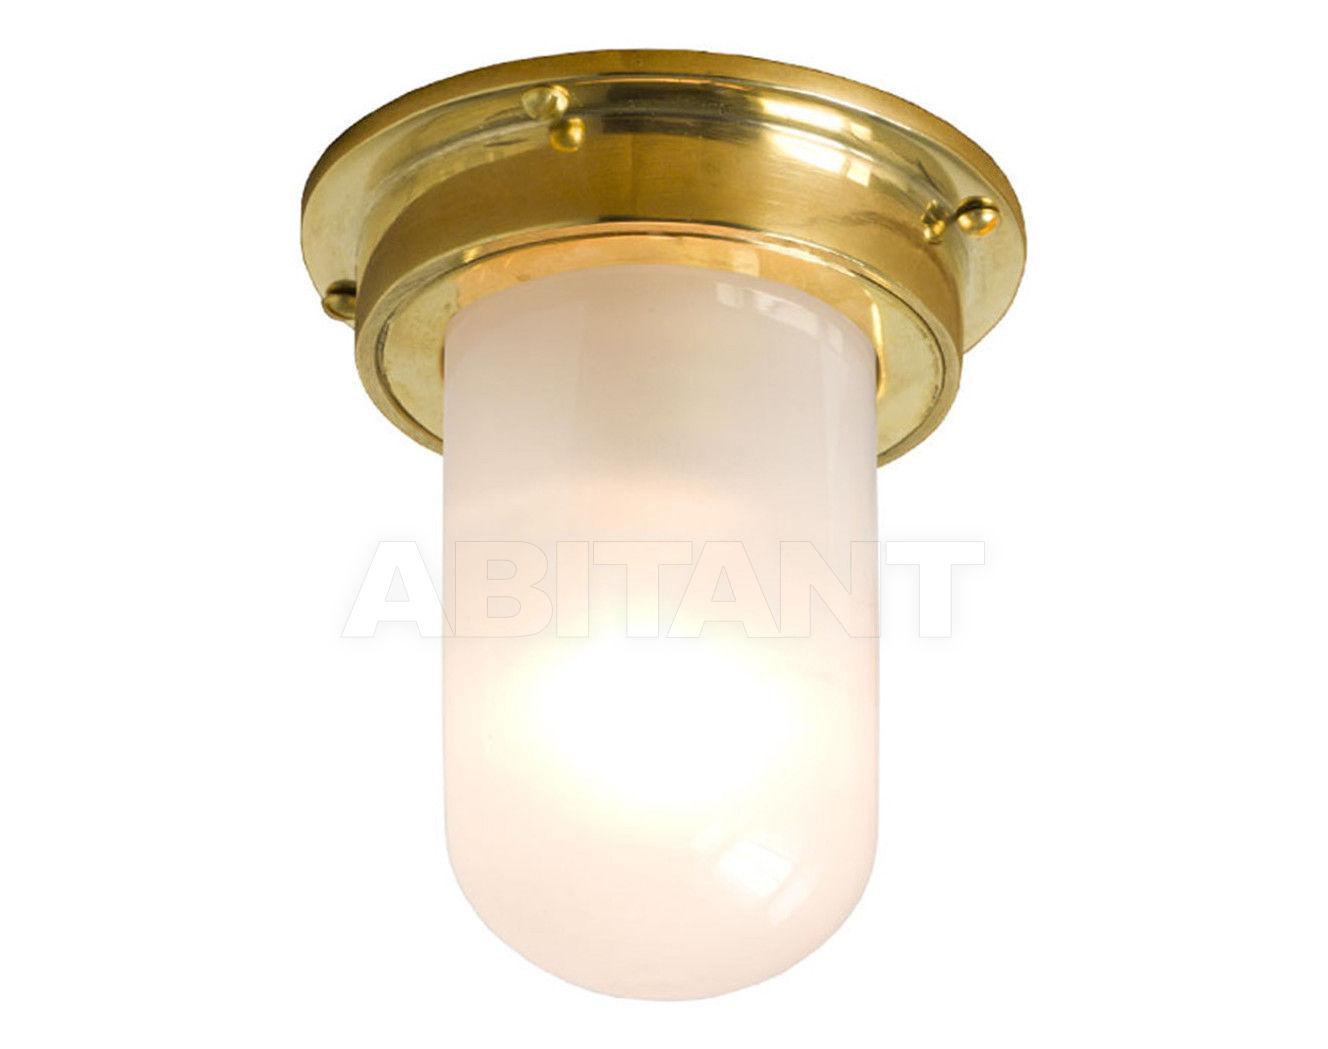 Купить Светильник Davey Lighting Ceiling Lights 7202/BR/M/CL